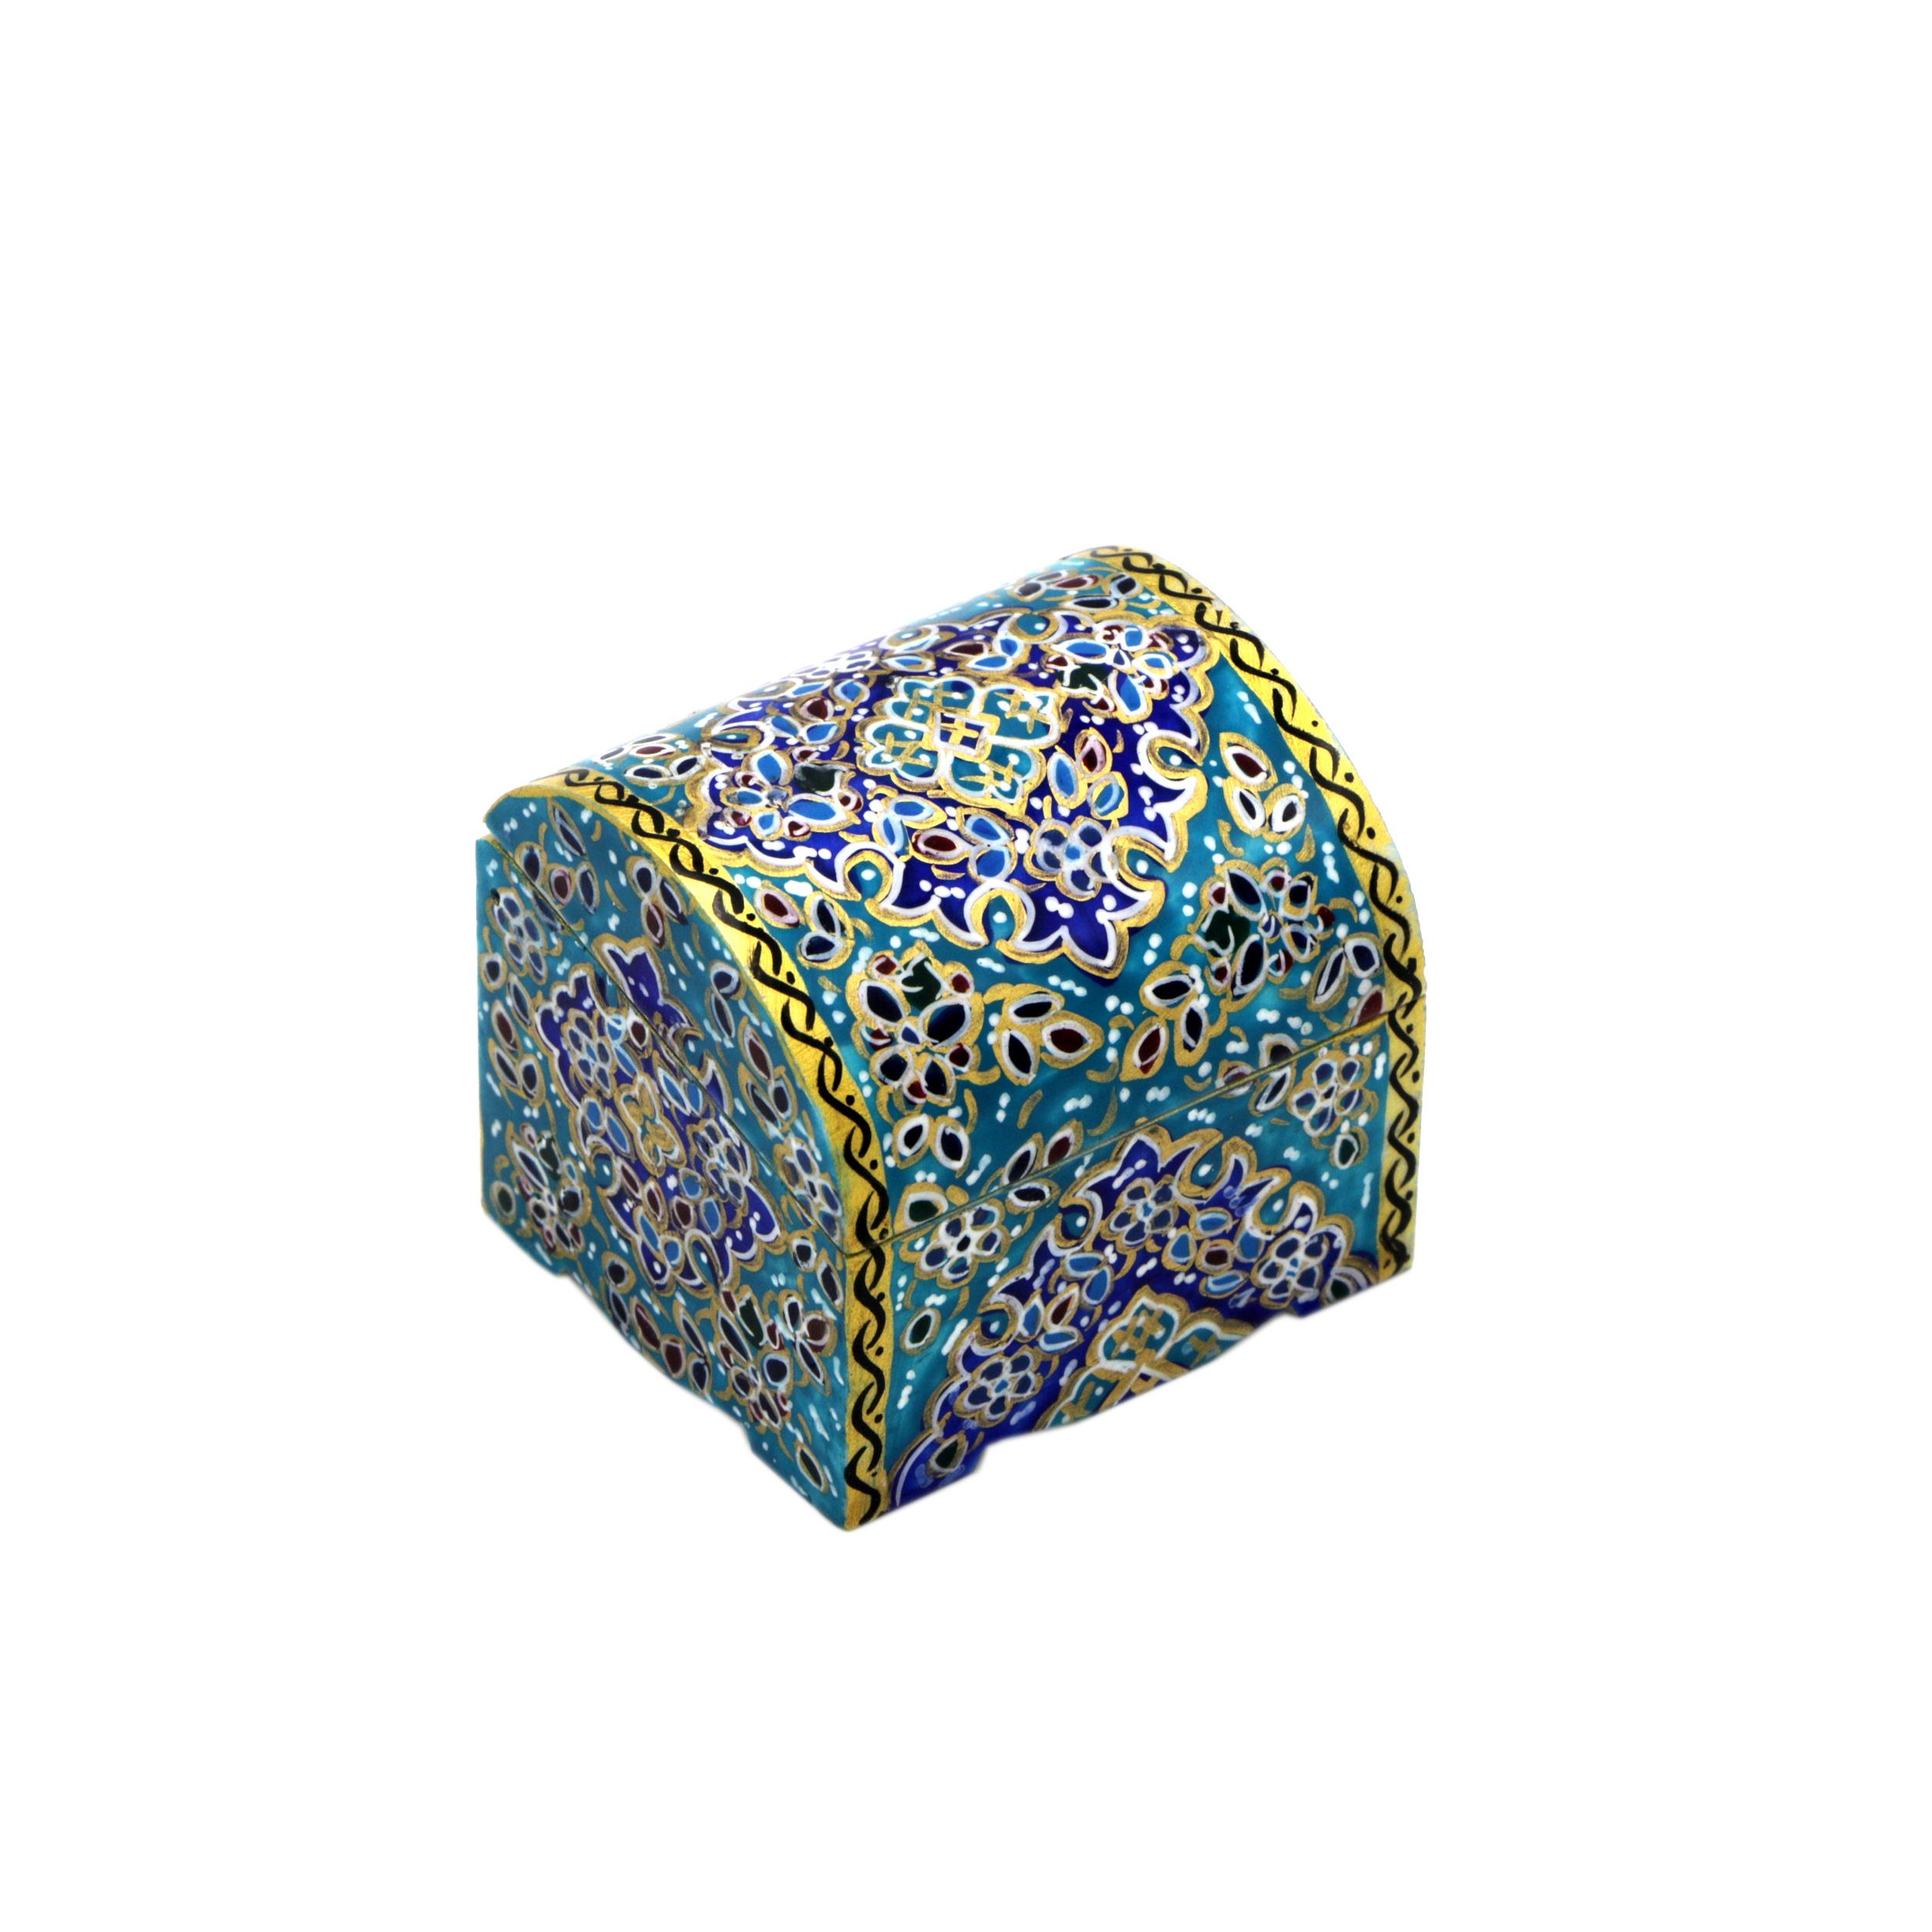 جعبه جواهرات استخوانی طرح اسلیمی کد m11